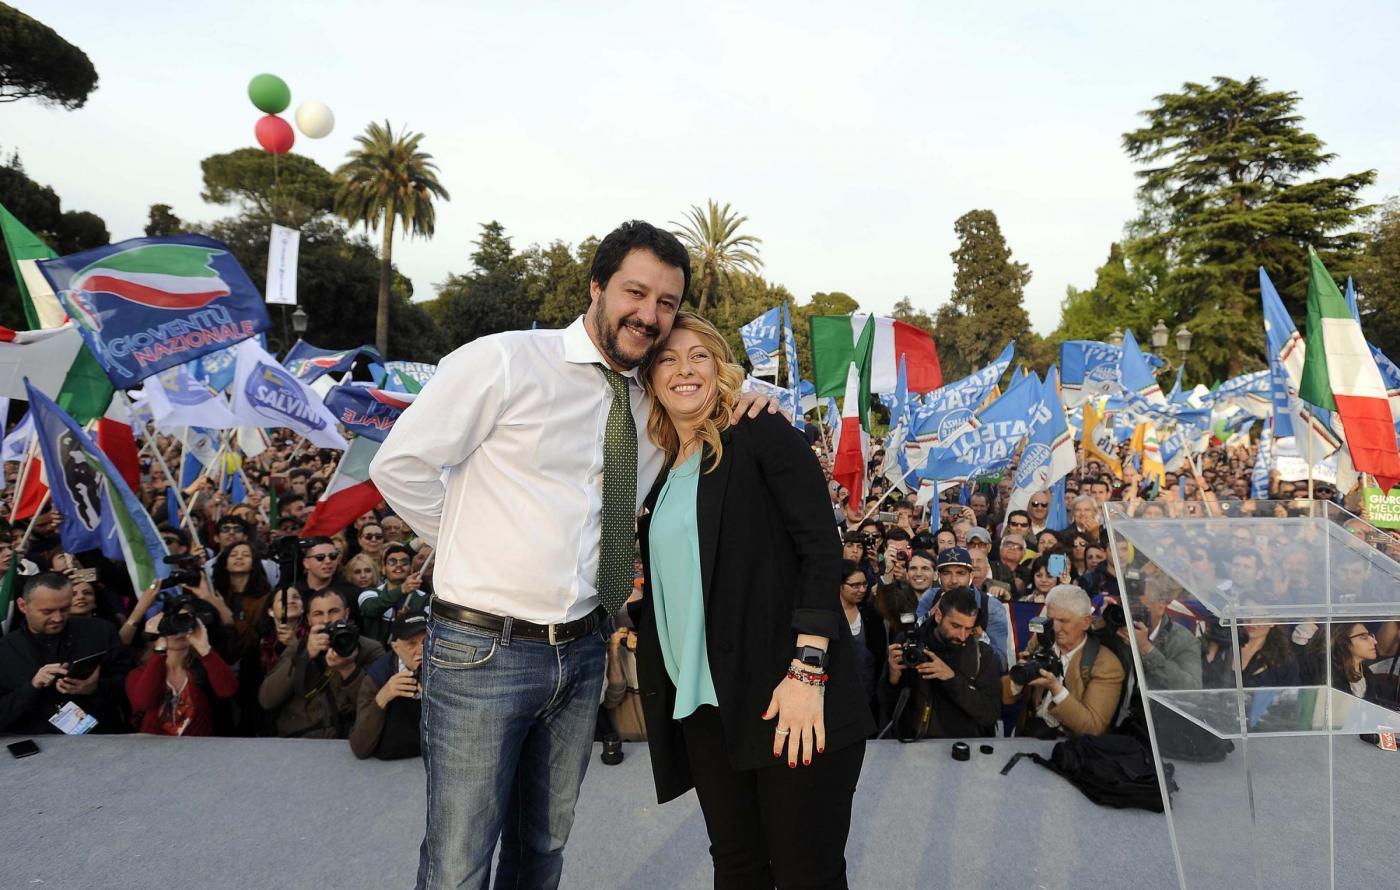 Apertura della campagna elettorale di Giorgia Meloni al Pincio